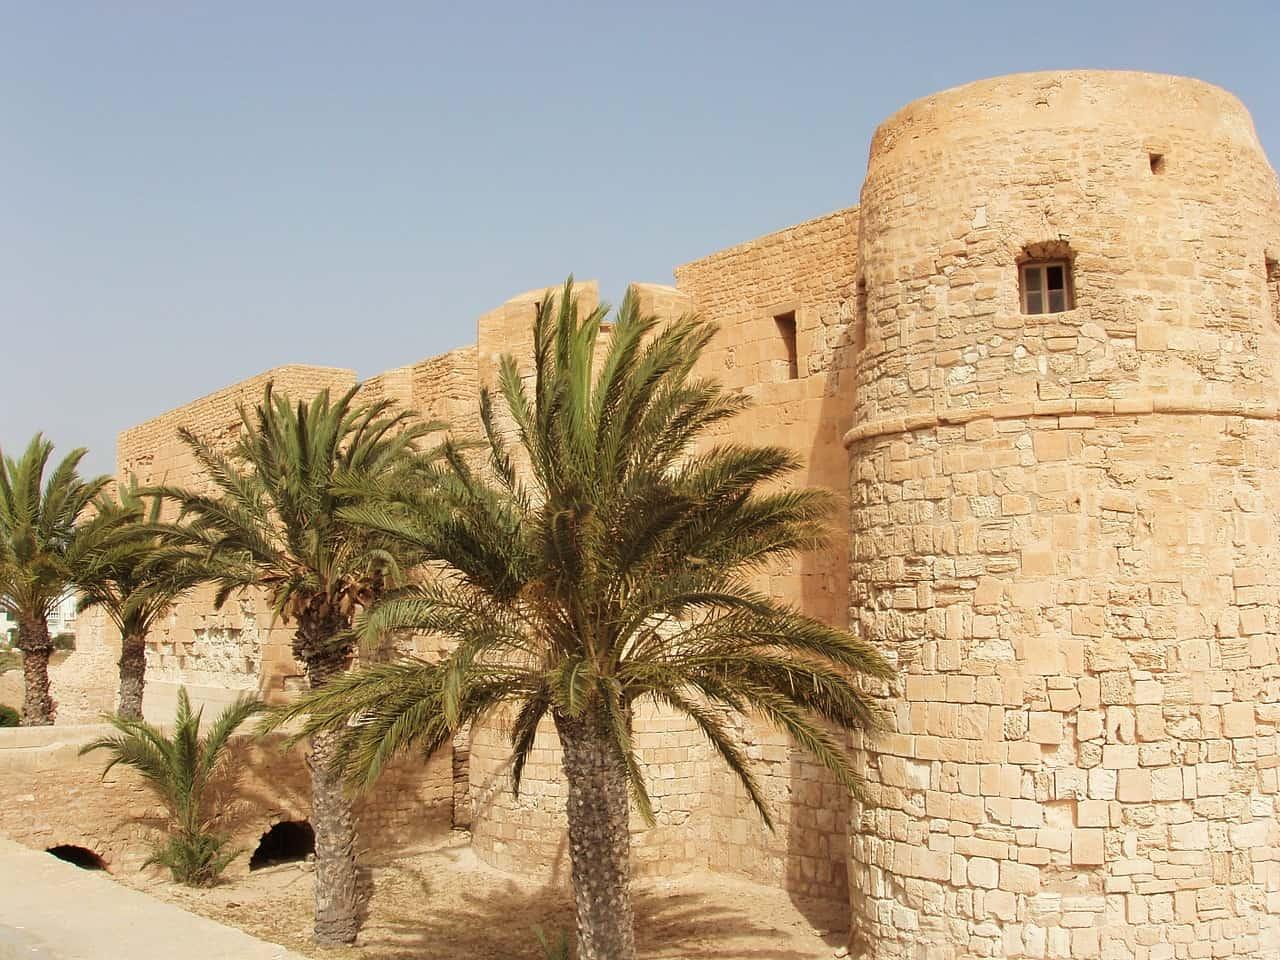 Castle die Sehenswürdigkeiten auf der Insel sind bemerkenswert - Tunesien Reisen